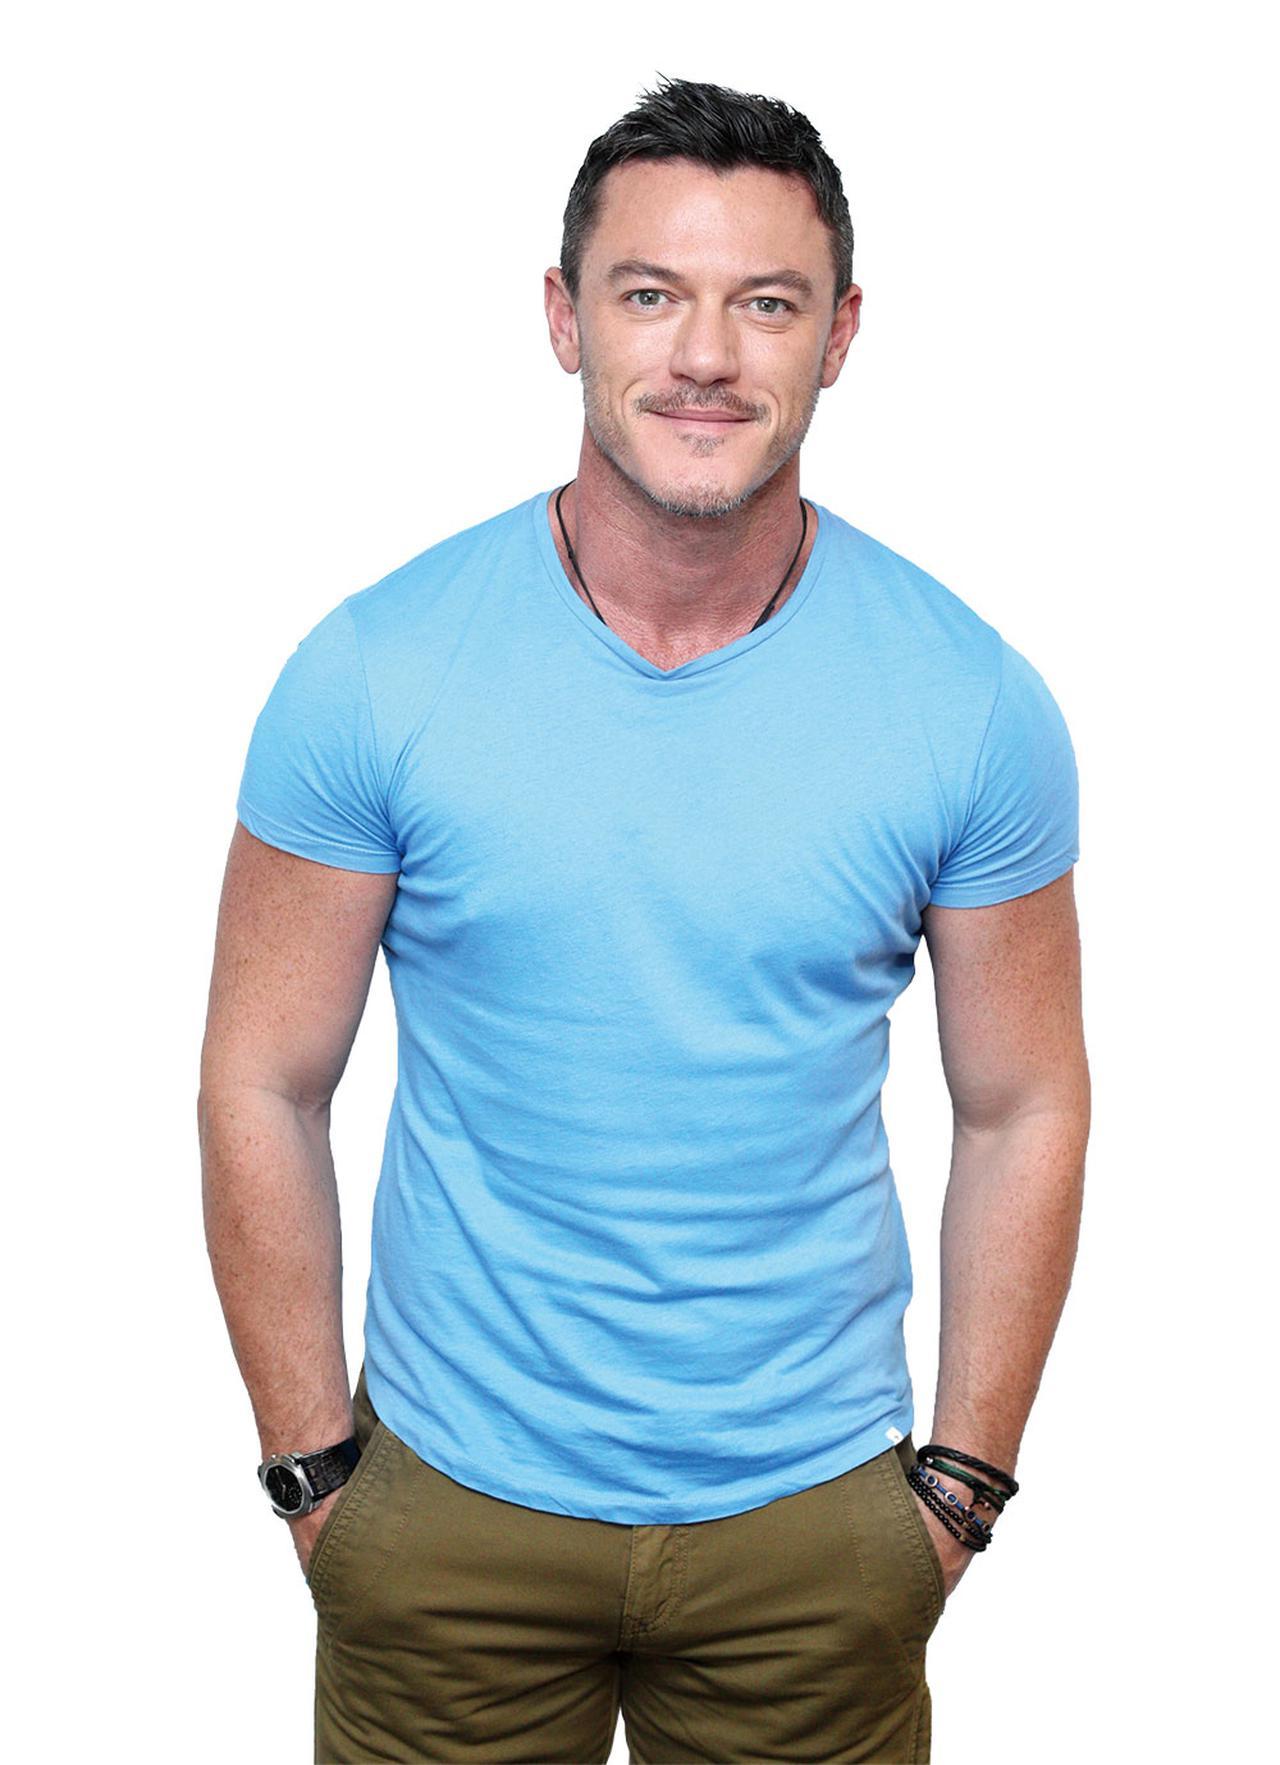 画像8: 何を着てもキマってる!Tシャツが似合う夏の海外セレブたち